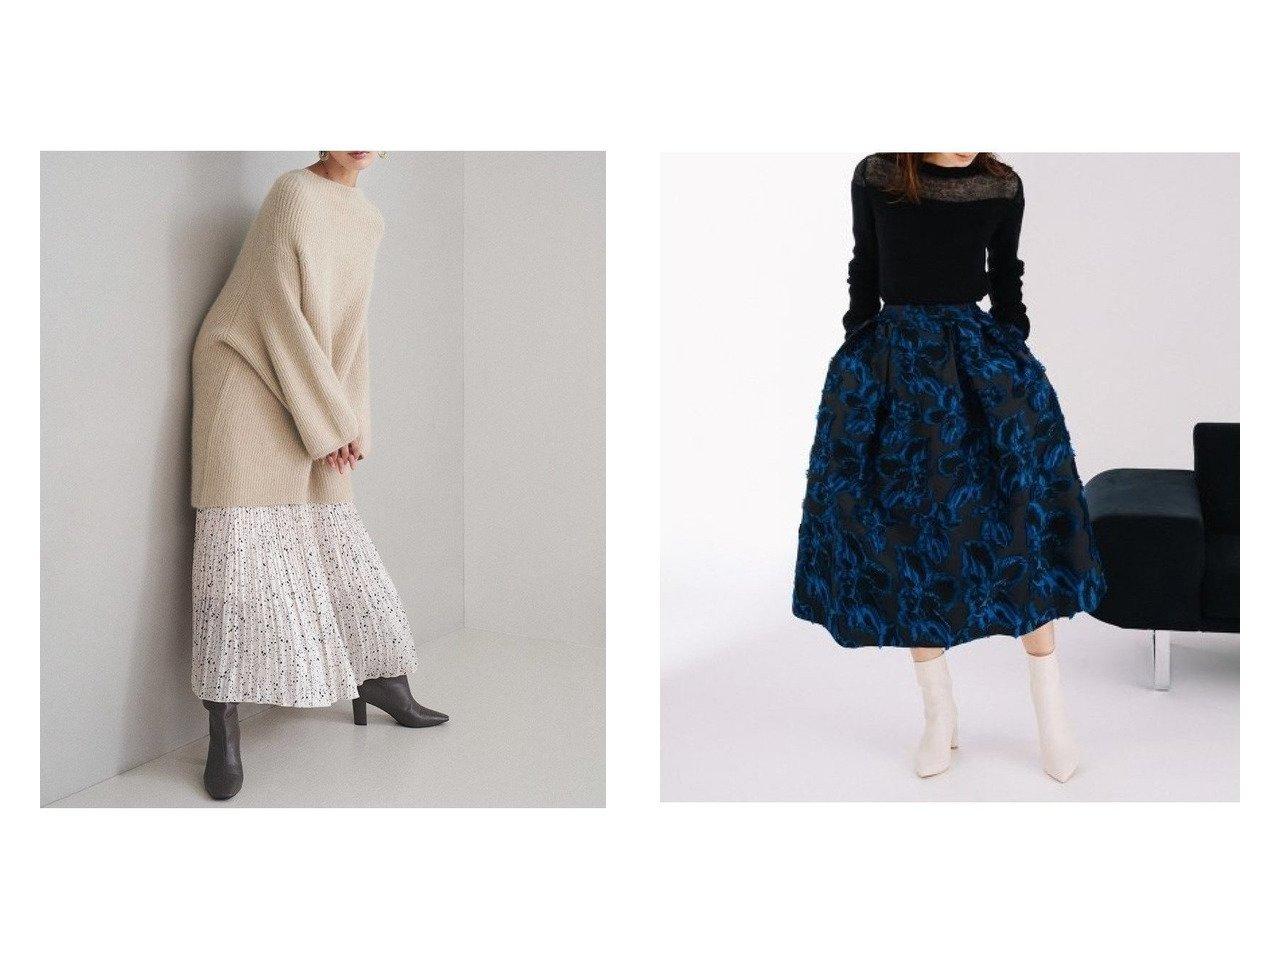 【FRAY I.D/フレイ アイディー】のグロッシープリーツプリントスカート&【CELFORD/セルフォード】のオリジナルフラワーJQスカート スカートのおすすめ!人気、トレンド・レディースファッションの通販  おすすめで人気の流行・トレンド、ファッションの通販商品 メンズファッション・キッズファッション・インテリア・家具・レディースファッション・服の通販 founy(ファニー) https://founy.com/ ファッション Fashion レディースファッション WOMEN スカート Skirt ロングスカート Long Skirt ミニスカート Mini Skirts アシンメトリー コンパクト サテン チェック ドット プリント プリーツ ロング カットジャガード スタイリッシュ フェミニン フラワー ミニスカート ラグジュアリー |ID:crp329100000009713